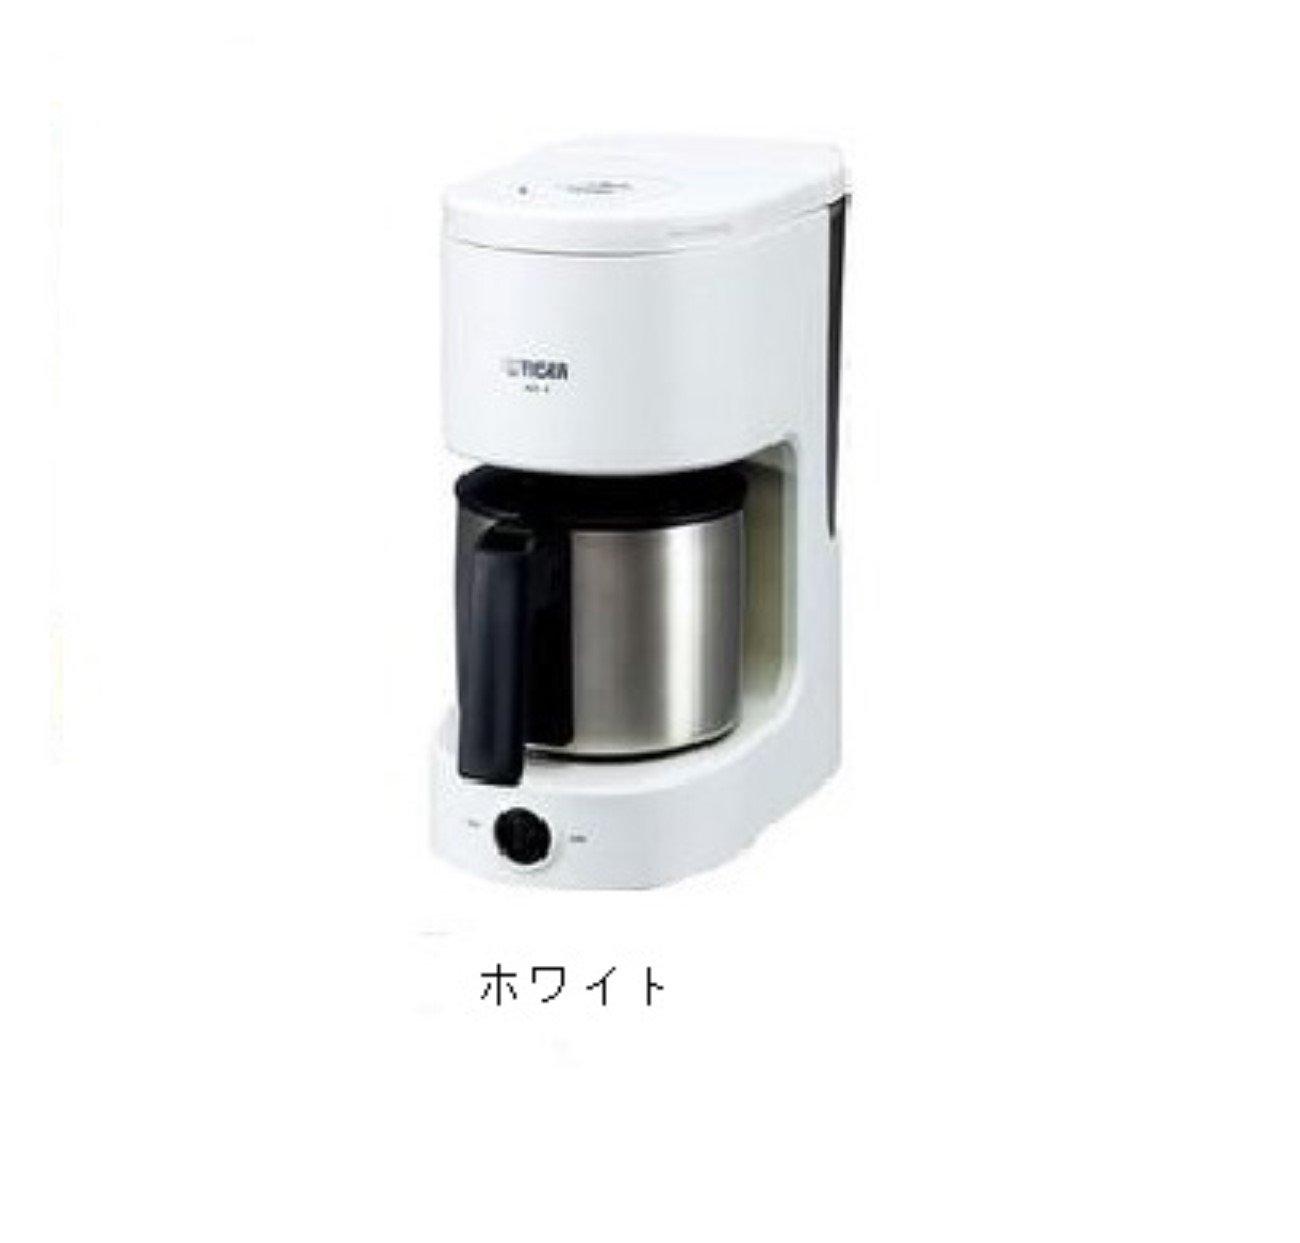 コーヒーメーカー ドリップ ステンレスサーバータイプ カラー:ホワイト   B01M1A3JKH